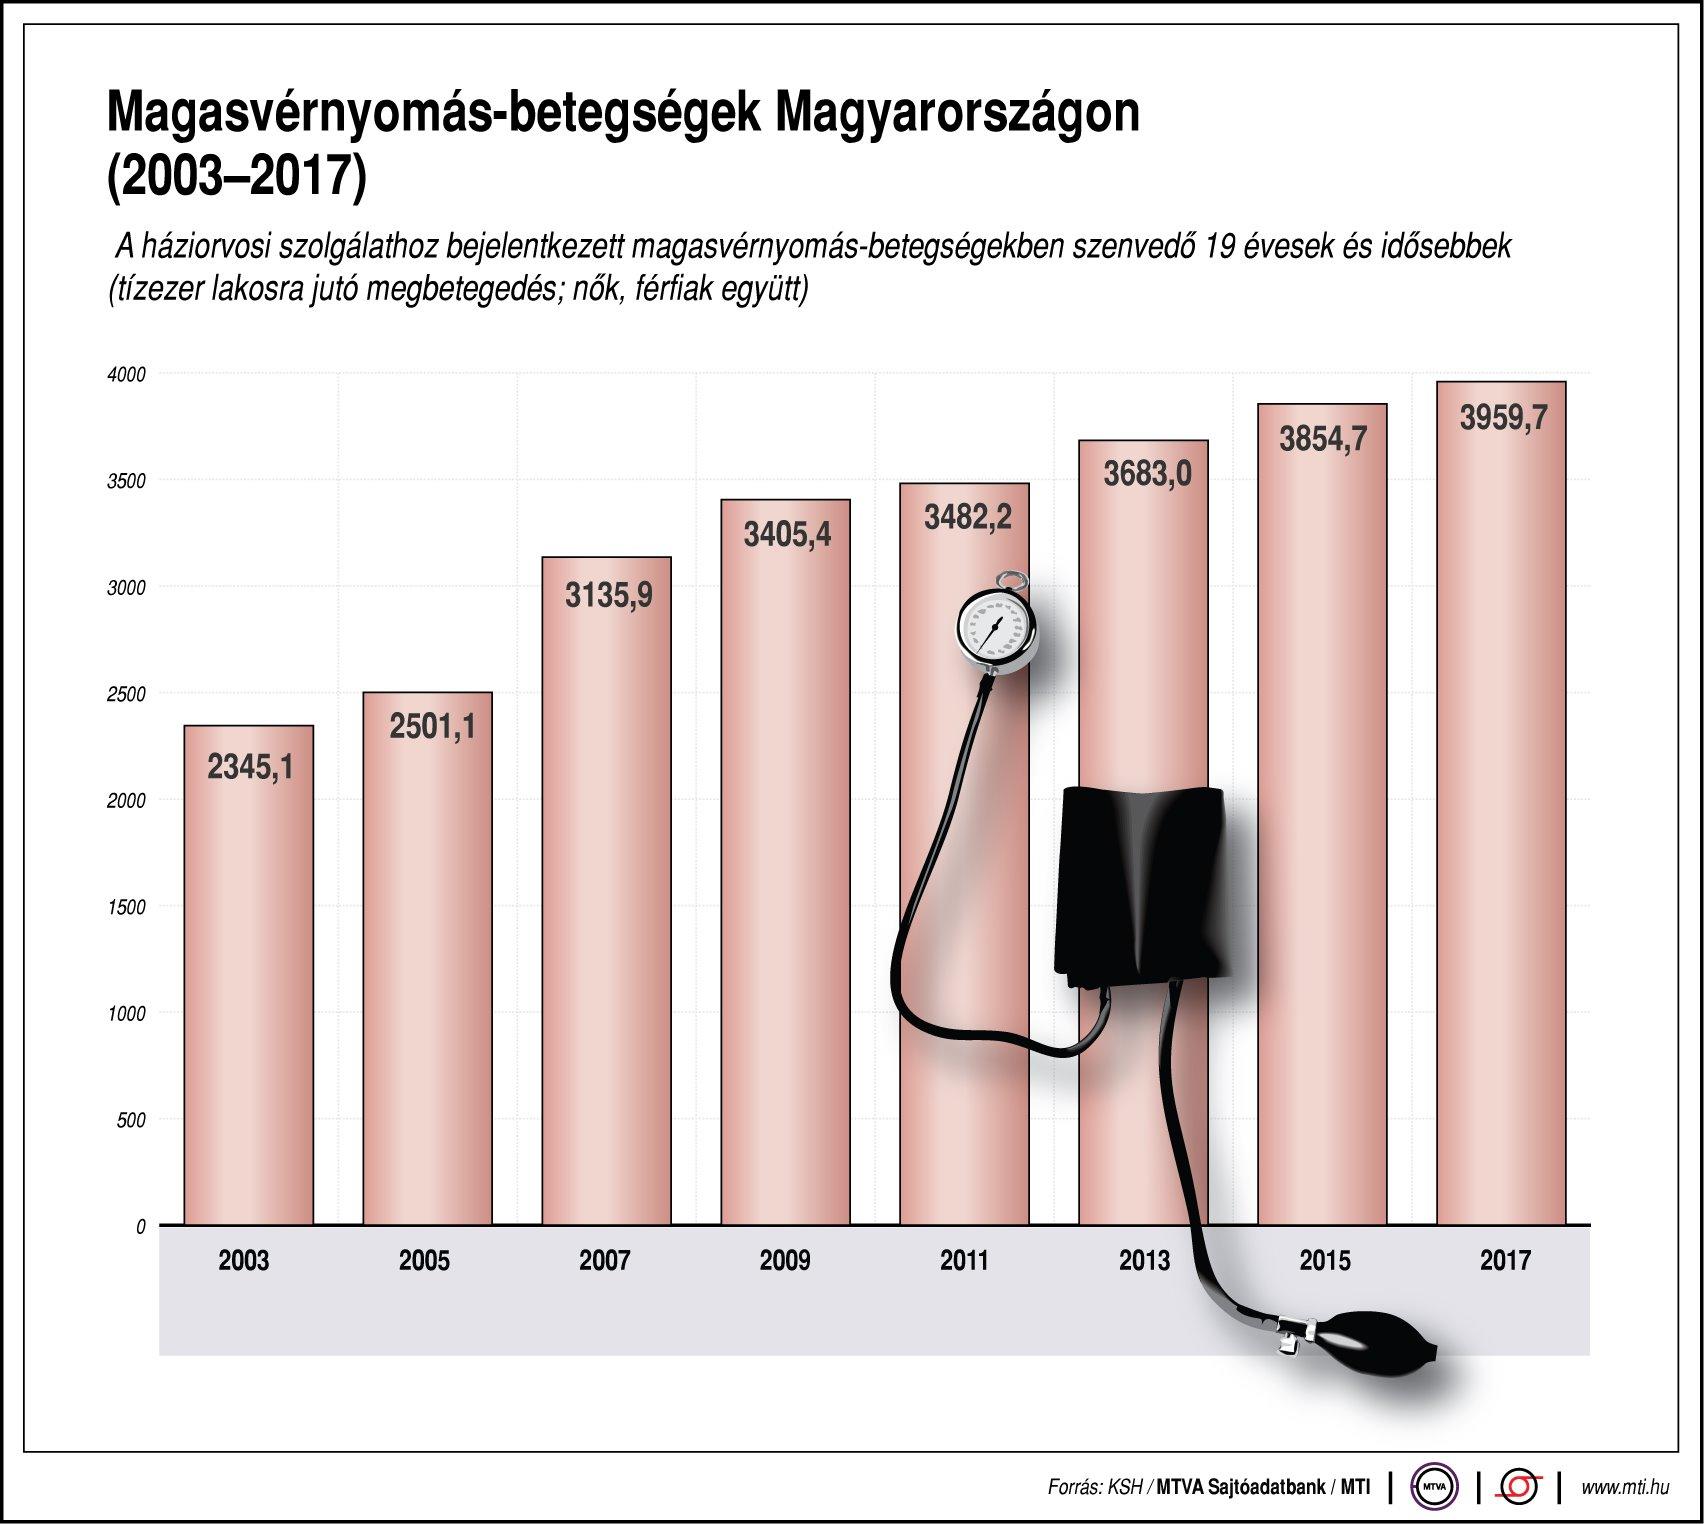 magas vérnyomás hagyományos módszerek a magas vérnyomás kezelésére idős korban meditáció és magas vérnyomás